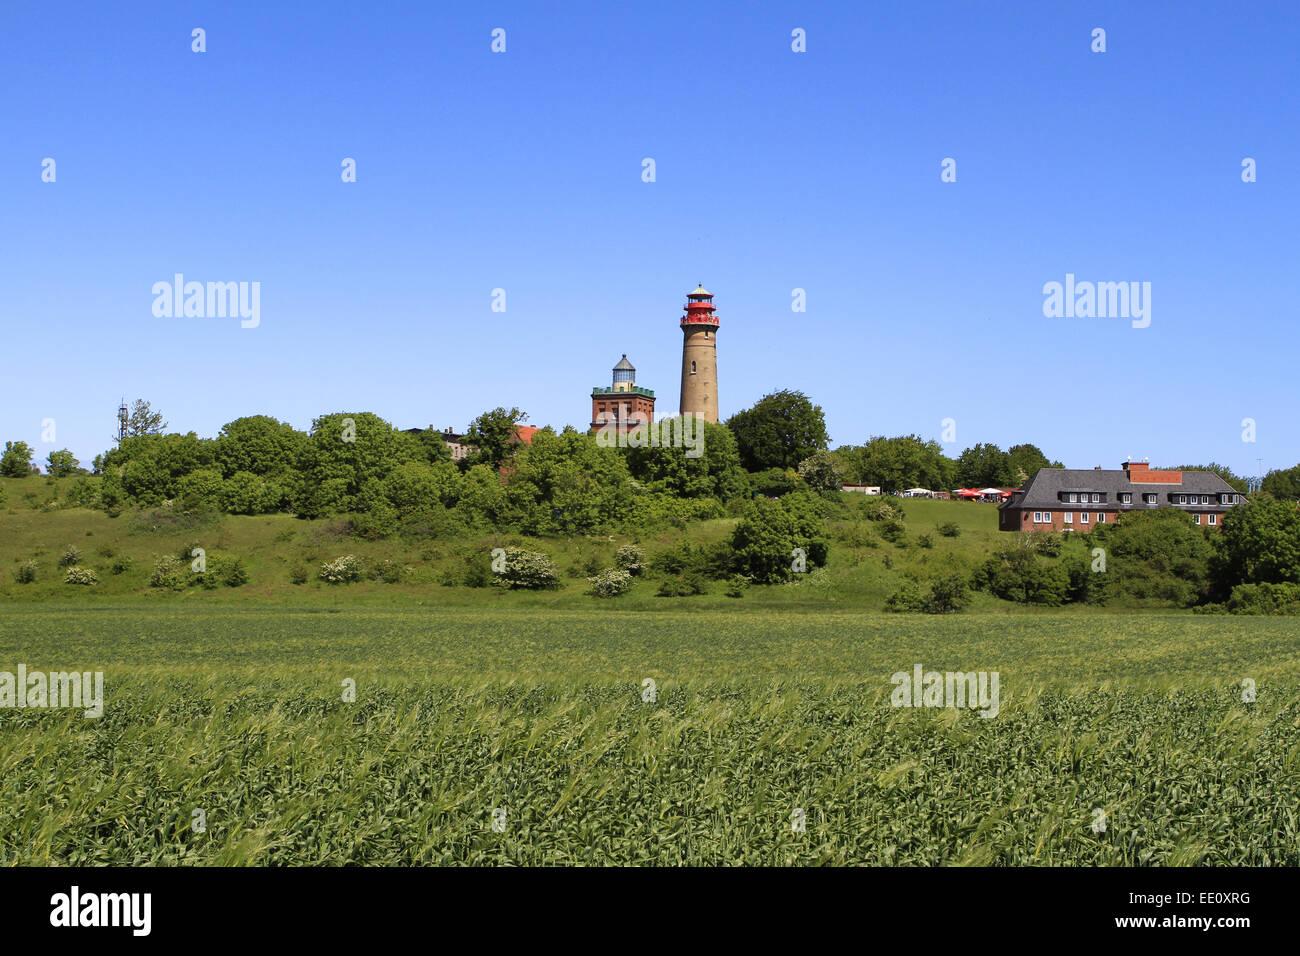 Deutschland, Mecklenburg-Vorpommern, Insel Ruegen, Kap Arkona, Leuchttuerme - Stock Image